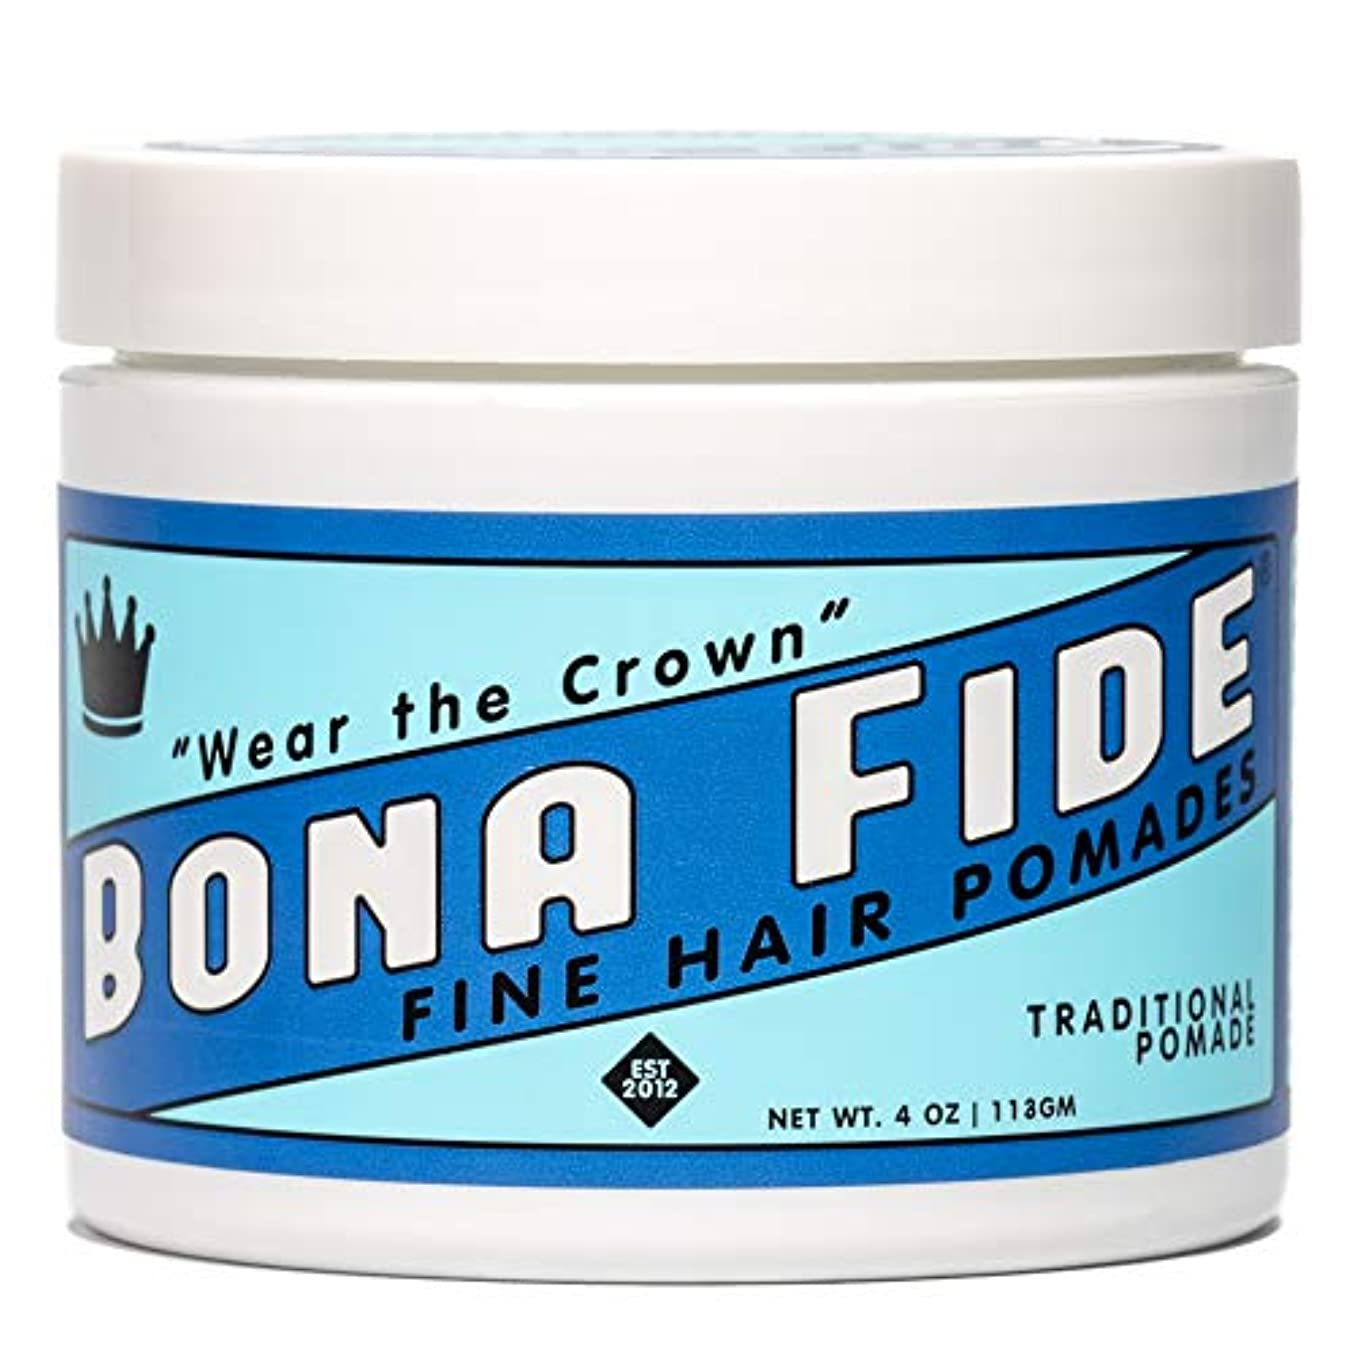 バイオリニスト痛み噴火ボナファイドポマード(BONA FIDE POMADE) トラディショナルポマード メンズ 整髪料 ヘアスタイリング剤 油性 ヘアグリース ツヤあり ストロングホールド